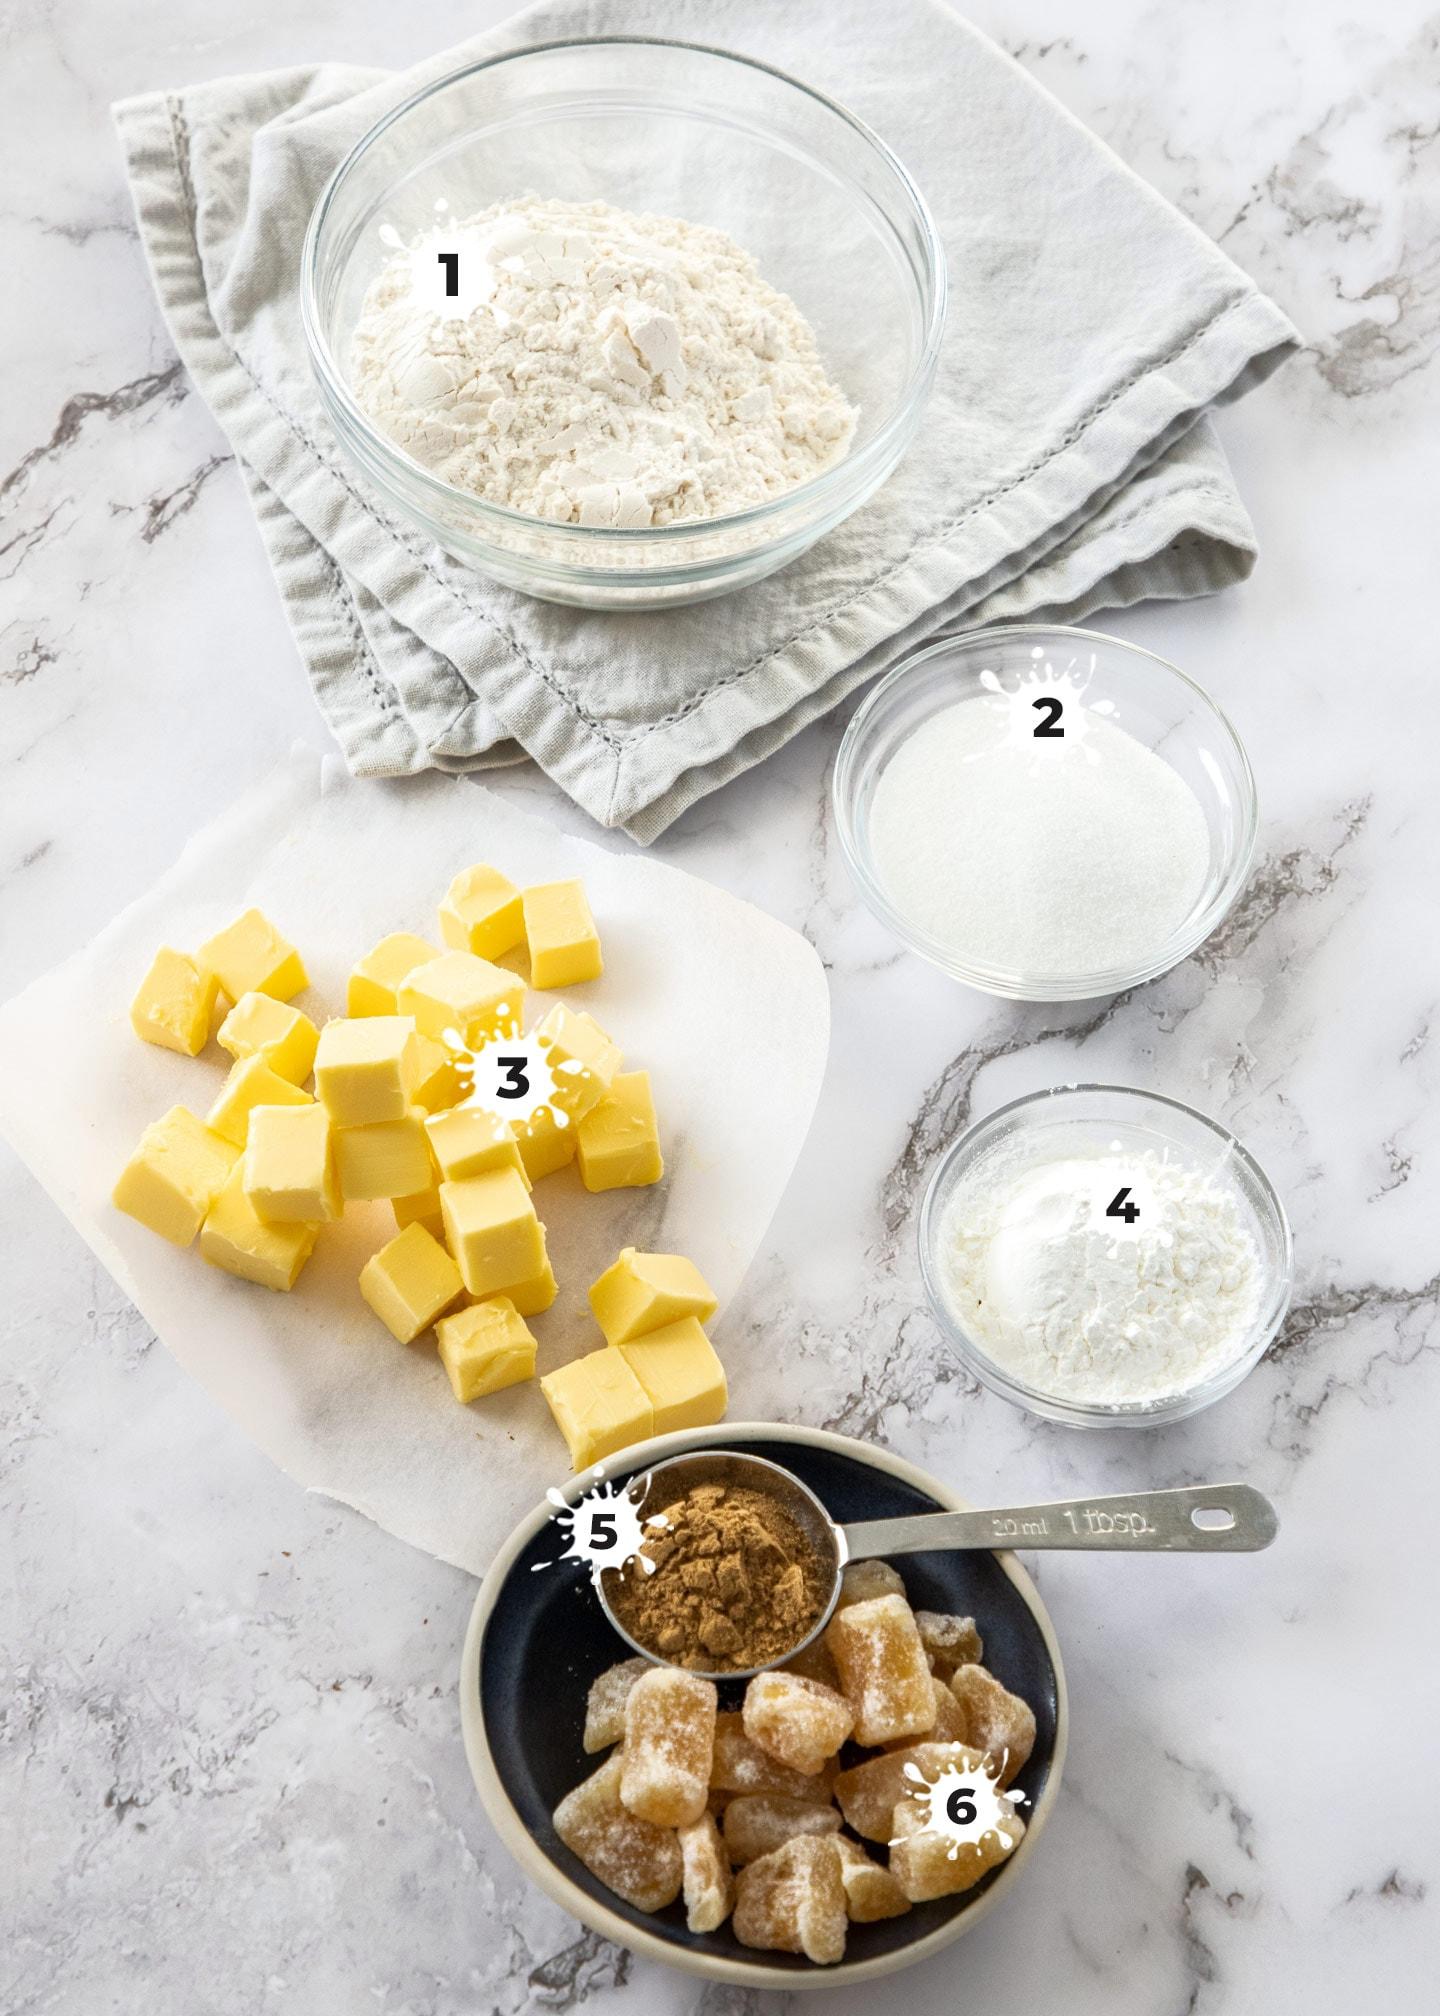 Ingredients for ginger shortbread